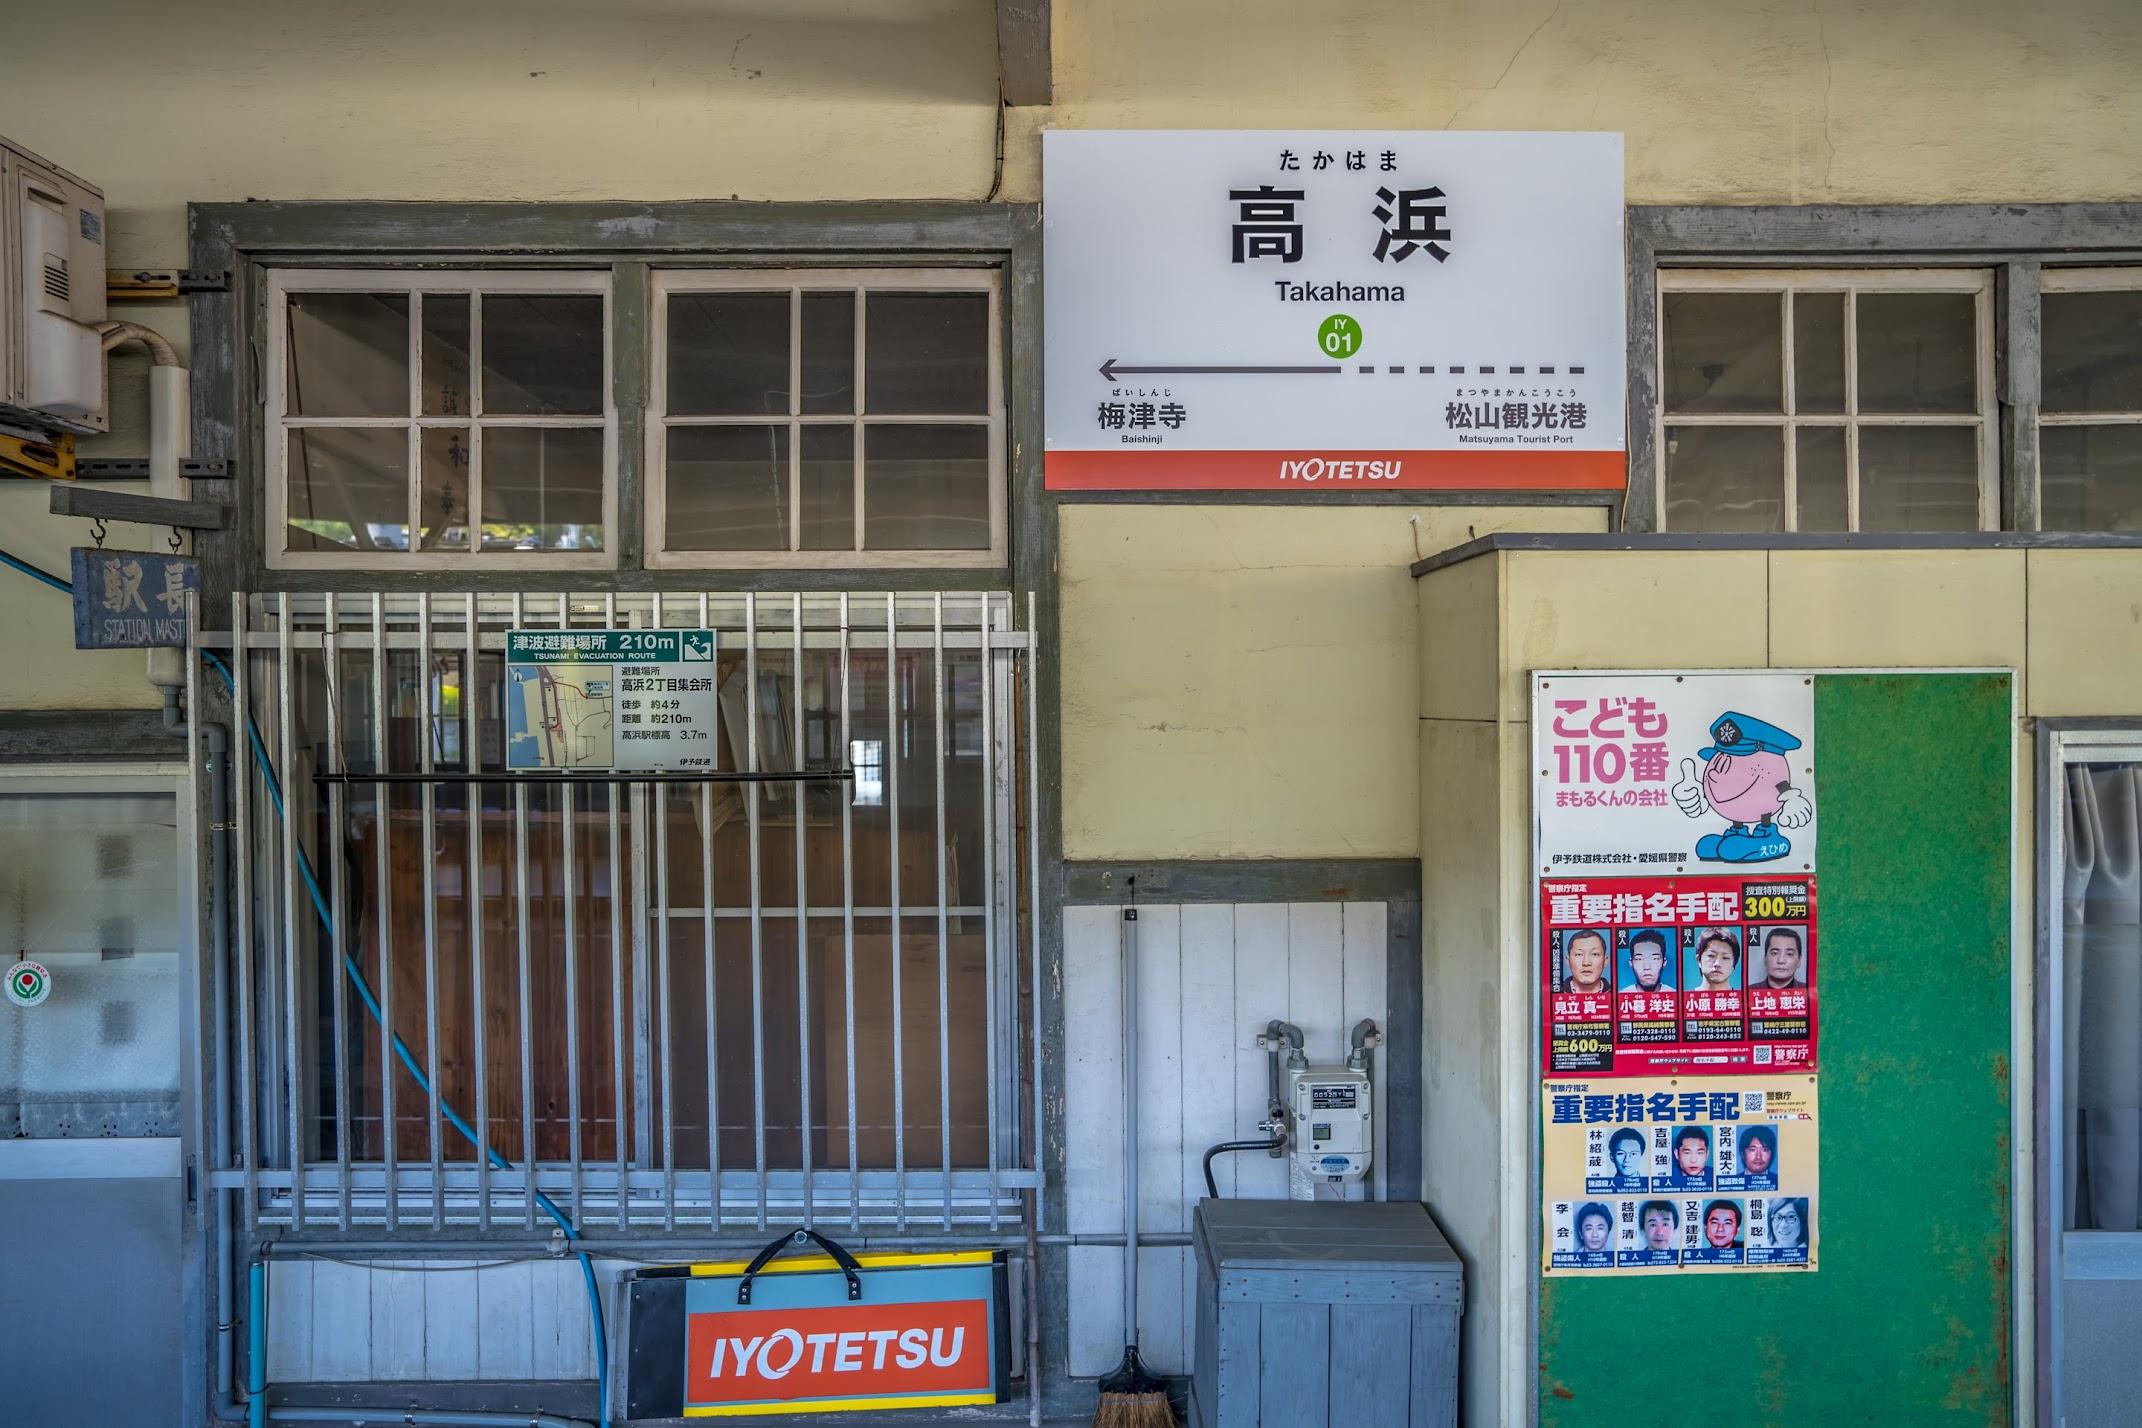 伊予鉄道 高浜駅1